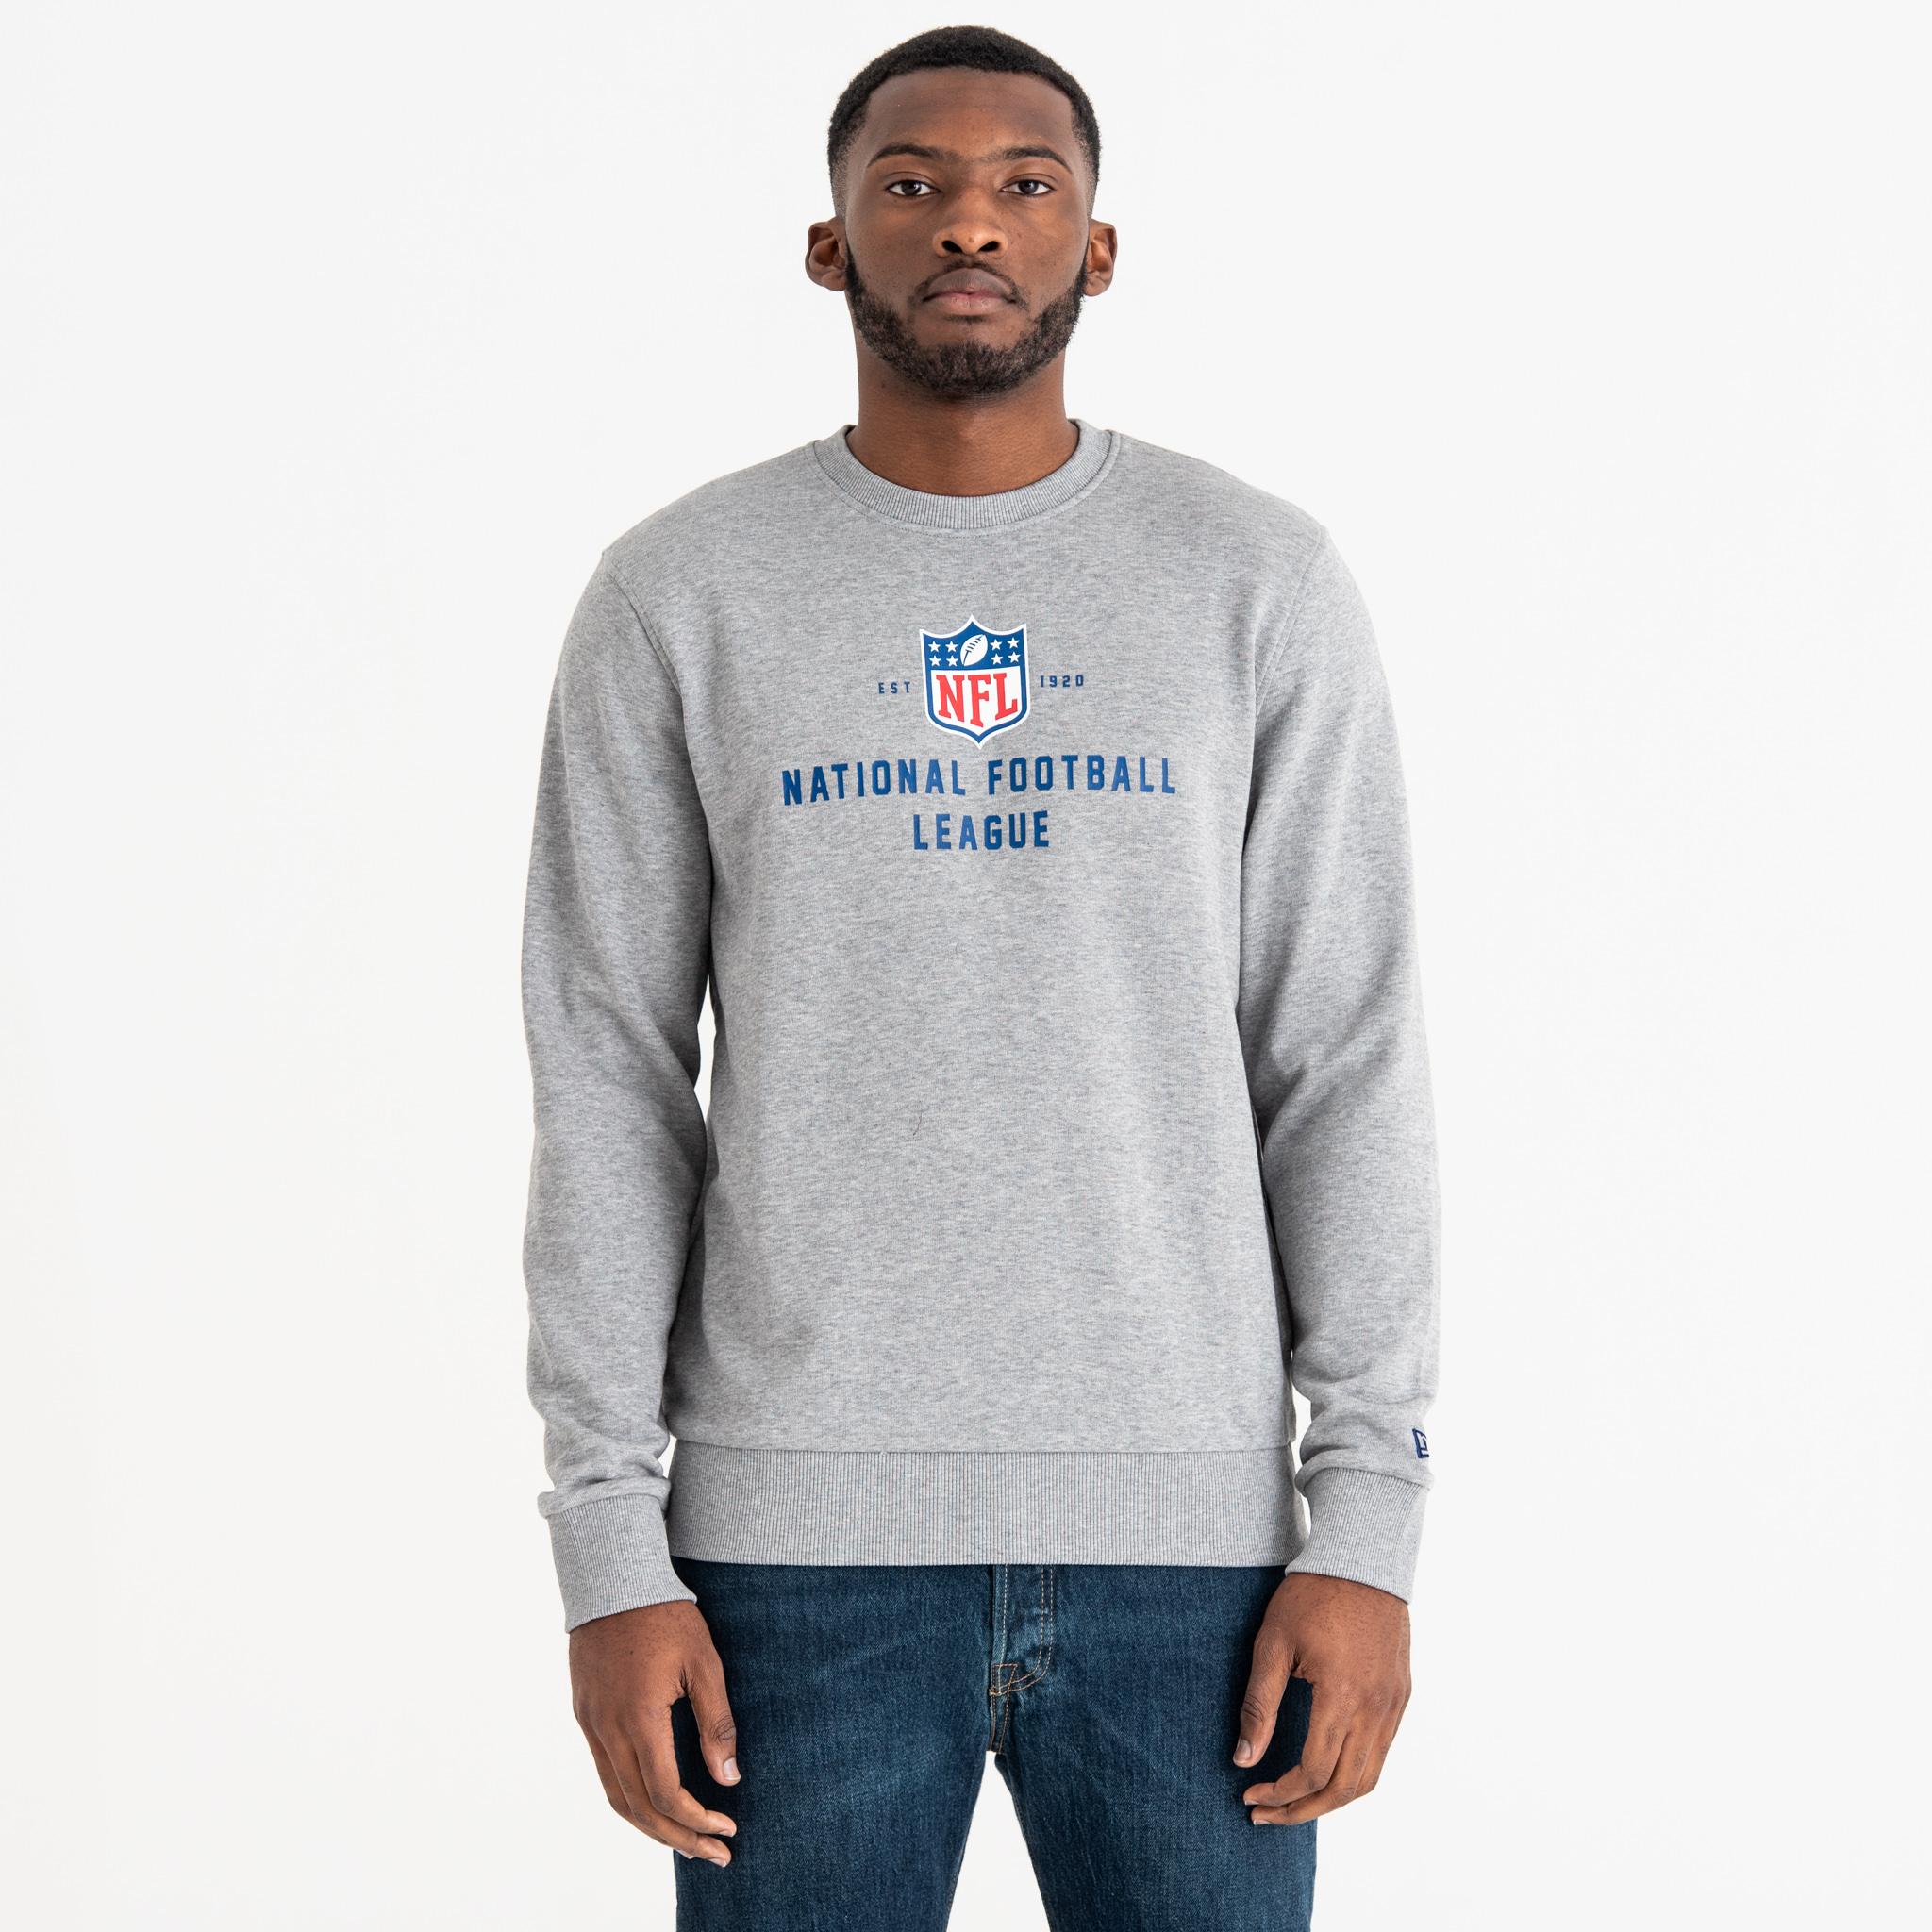 Sweatshirt mit Rundhalsausschnitt, Gründungsdatum und NFL-Logo